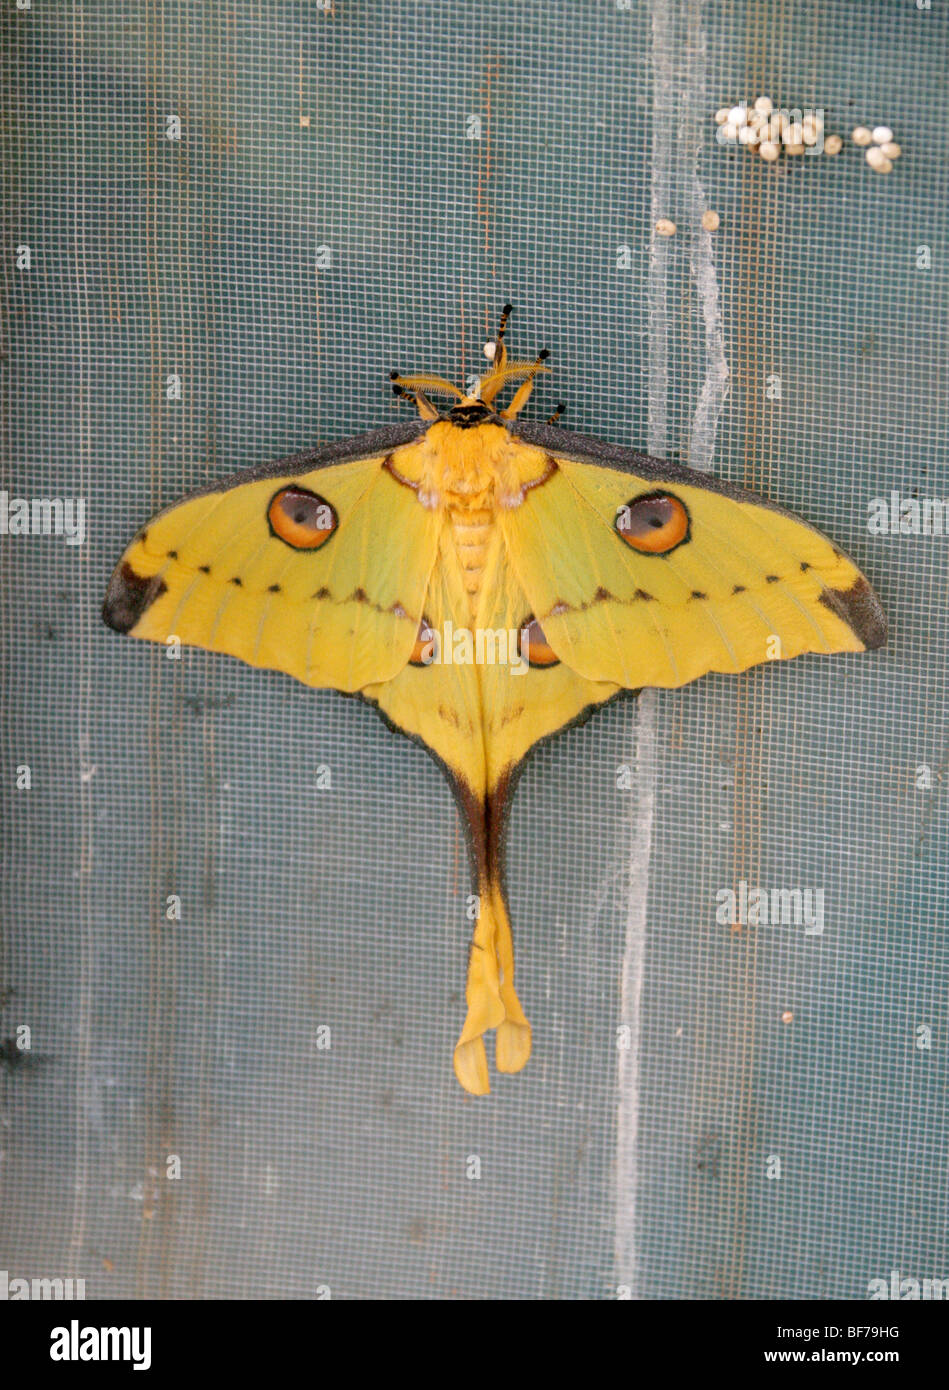 Female Madagascan Comet Moth, Argema mittrei, Saturniidae. Madagascar - Stock Image